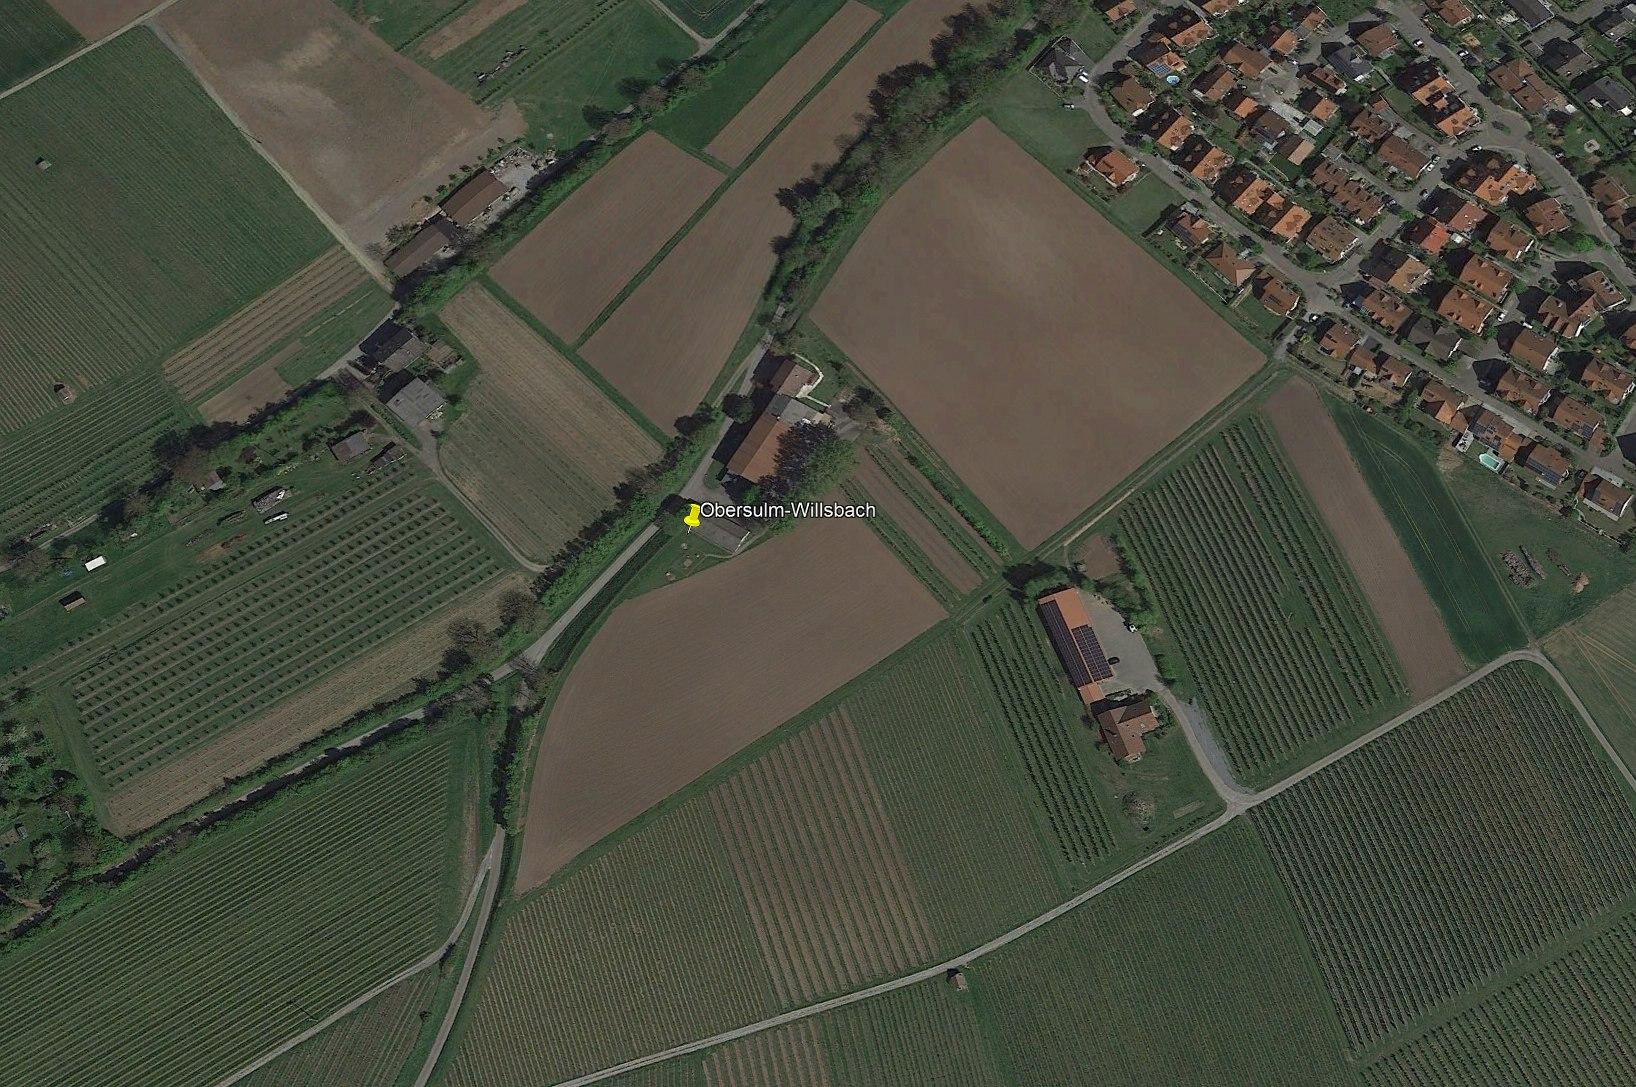 http://www.wetterstation-leutenbach.de/Bilder/willsbach2.jpg